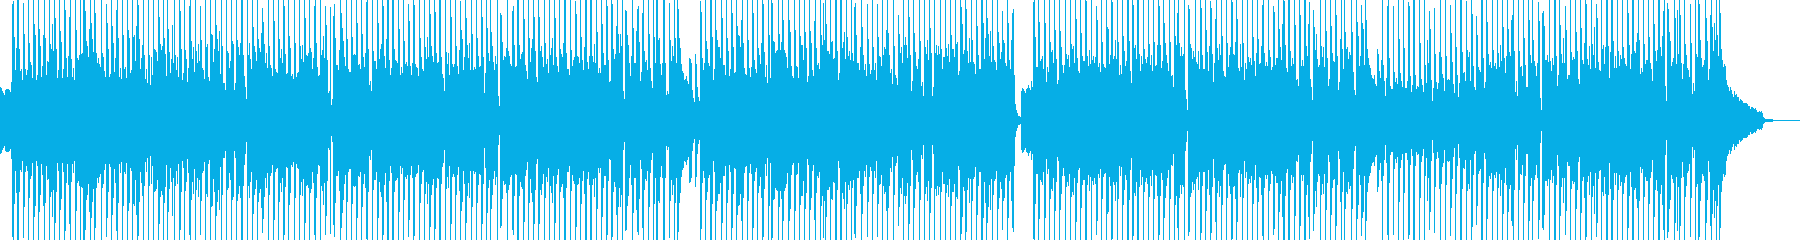 日常的・ほのぼの打楽器ポップス 長尺★の再生済みの波形